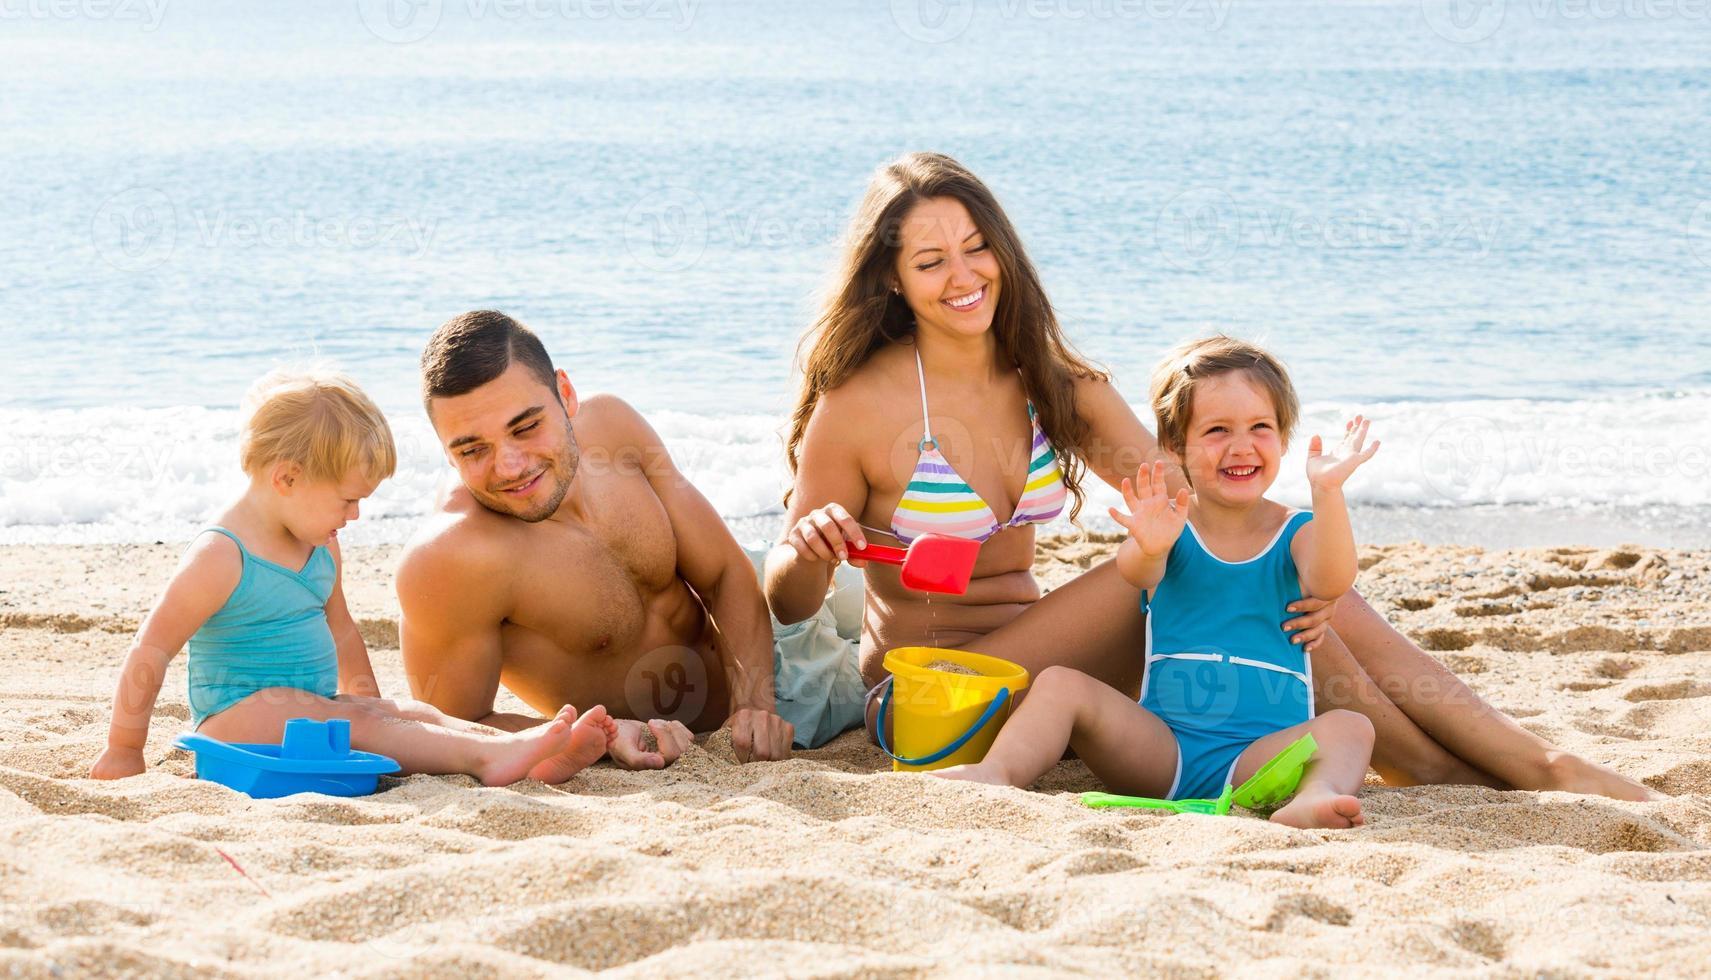 família de quatro na praia foto